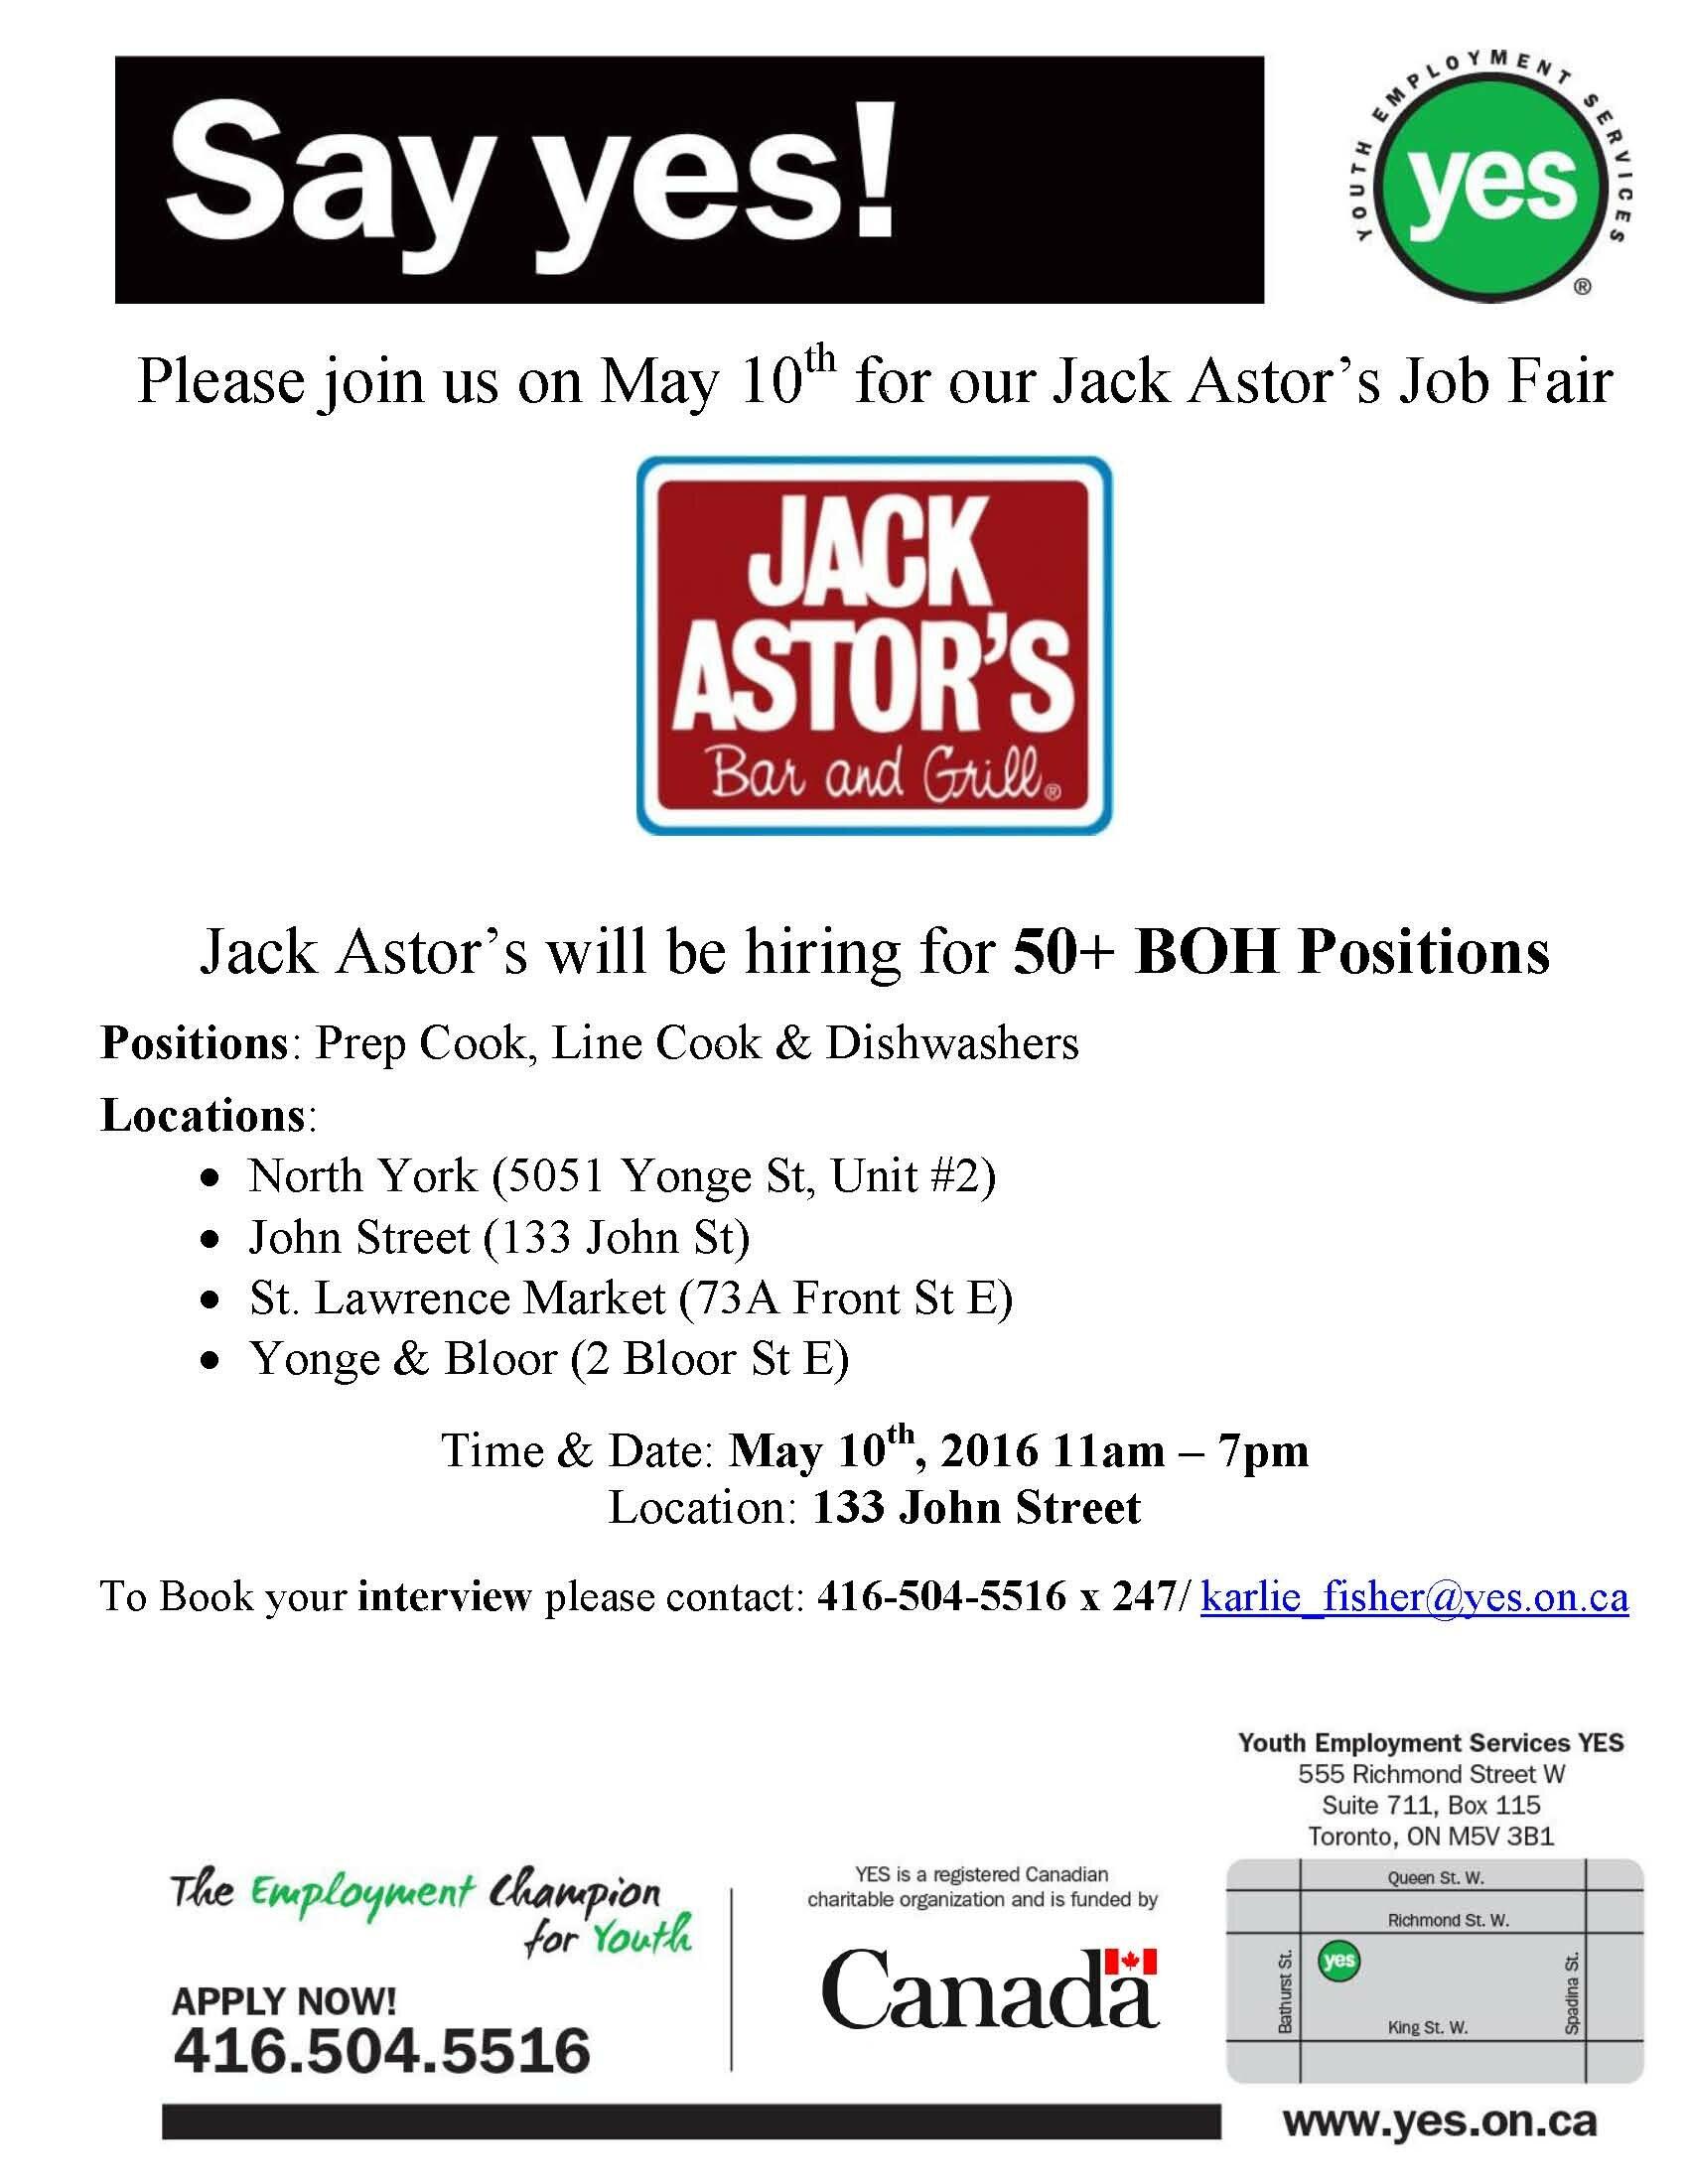 Jack Astors May 10th